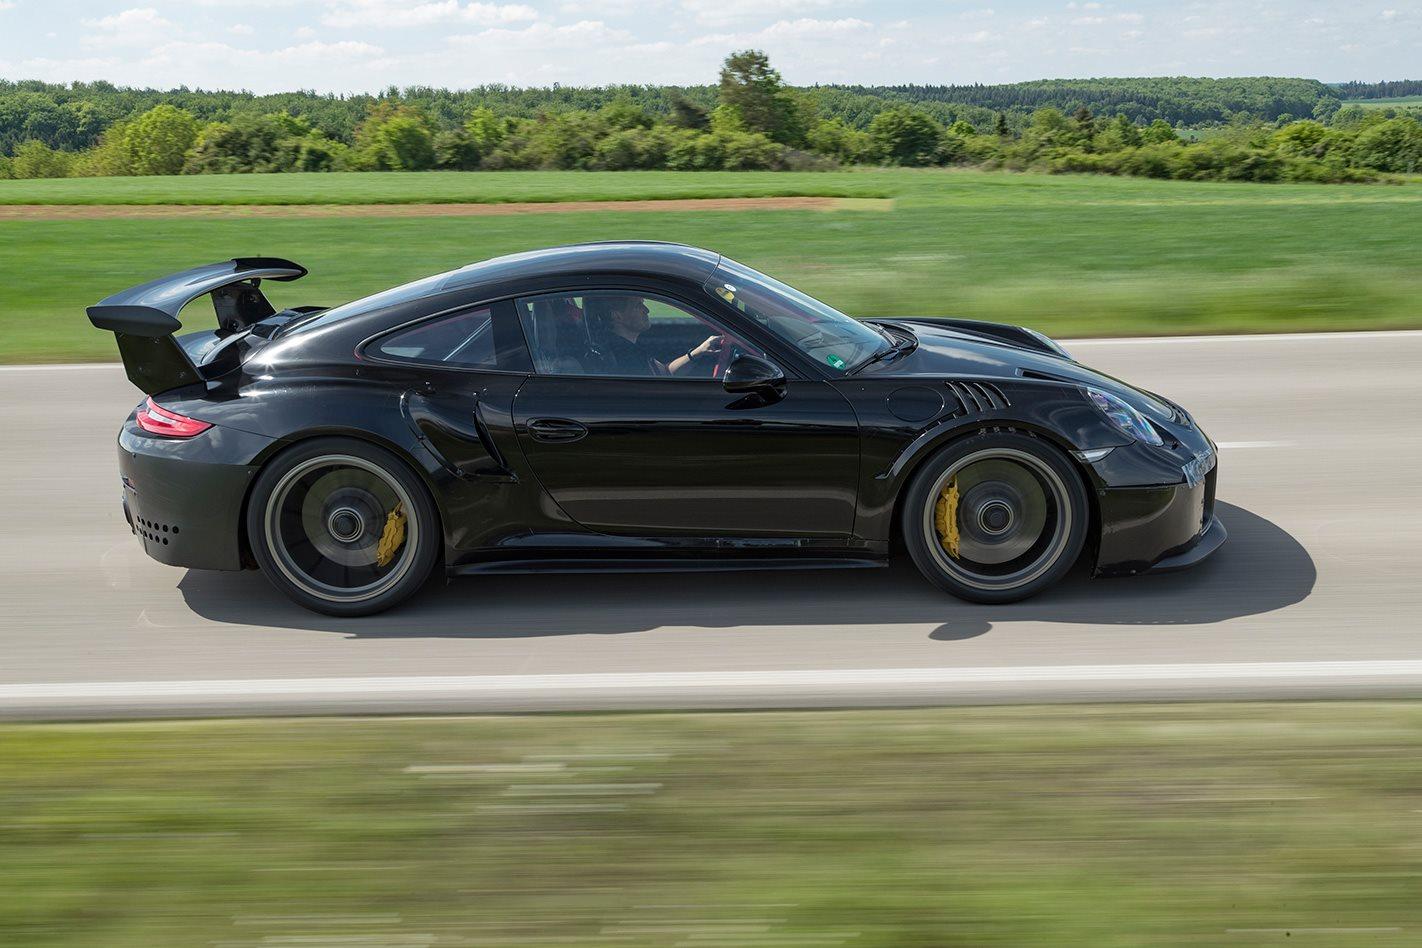 2018 Porsche 911 GT2 RS side profile